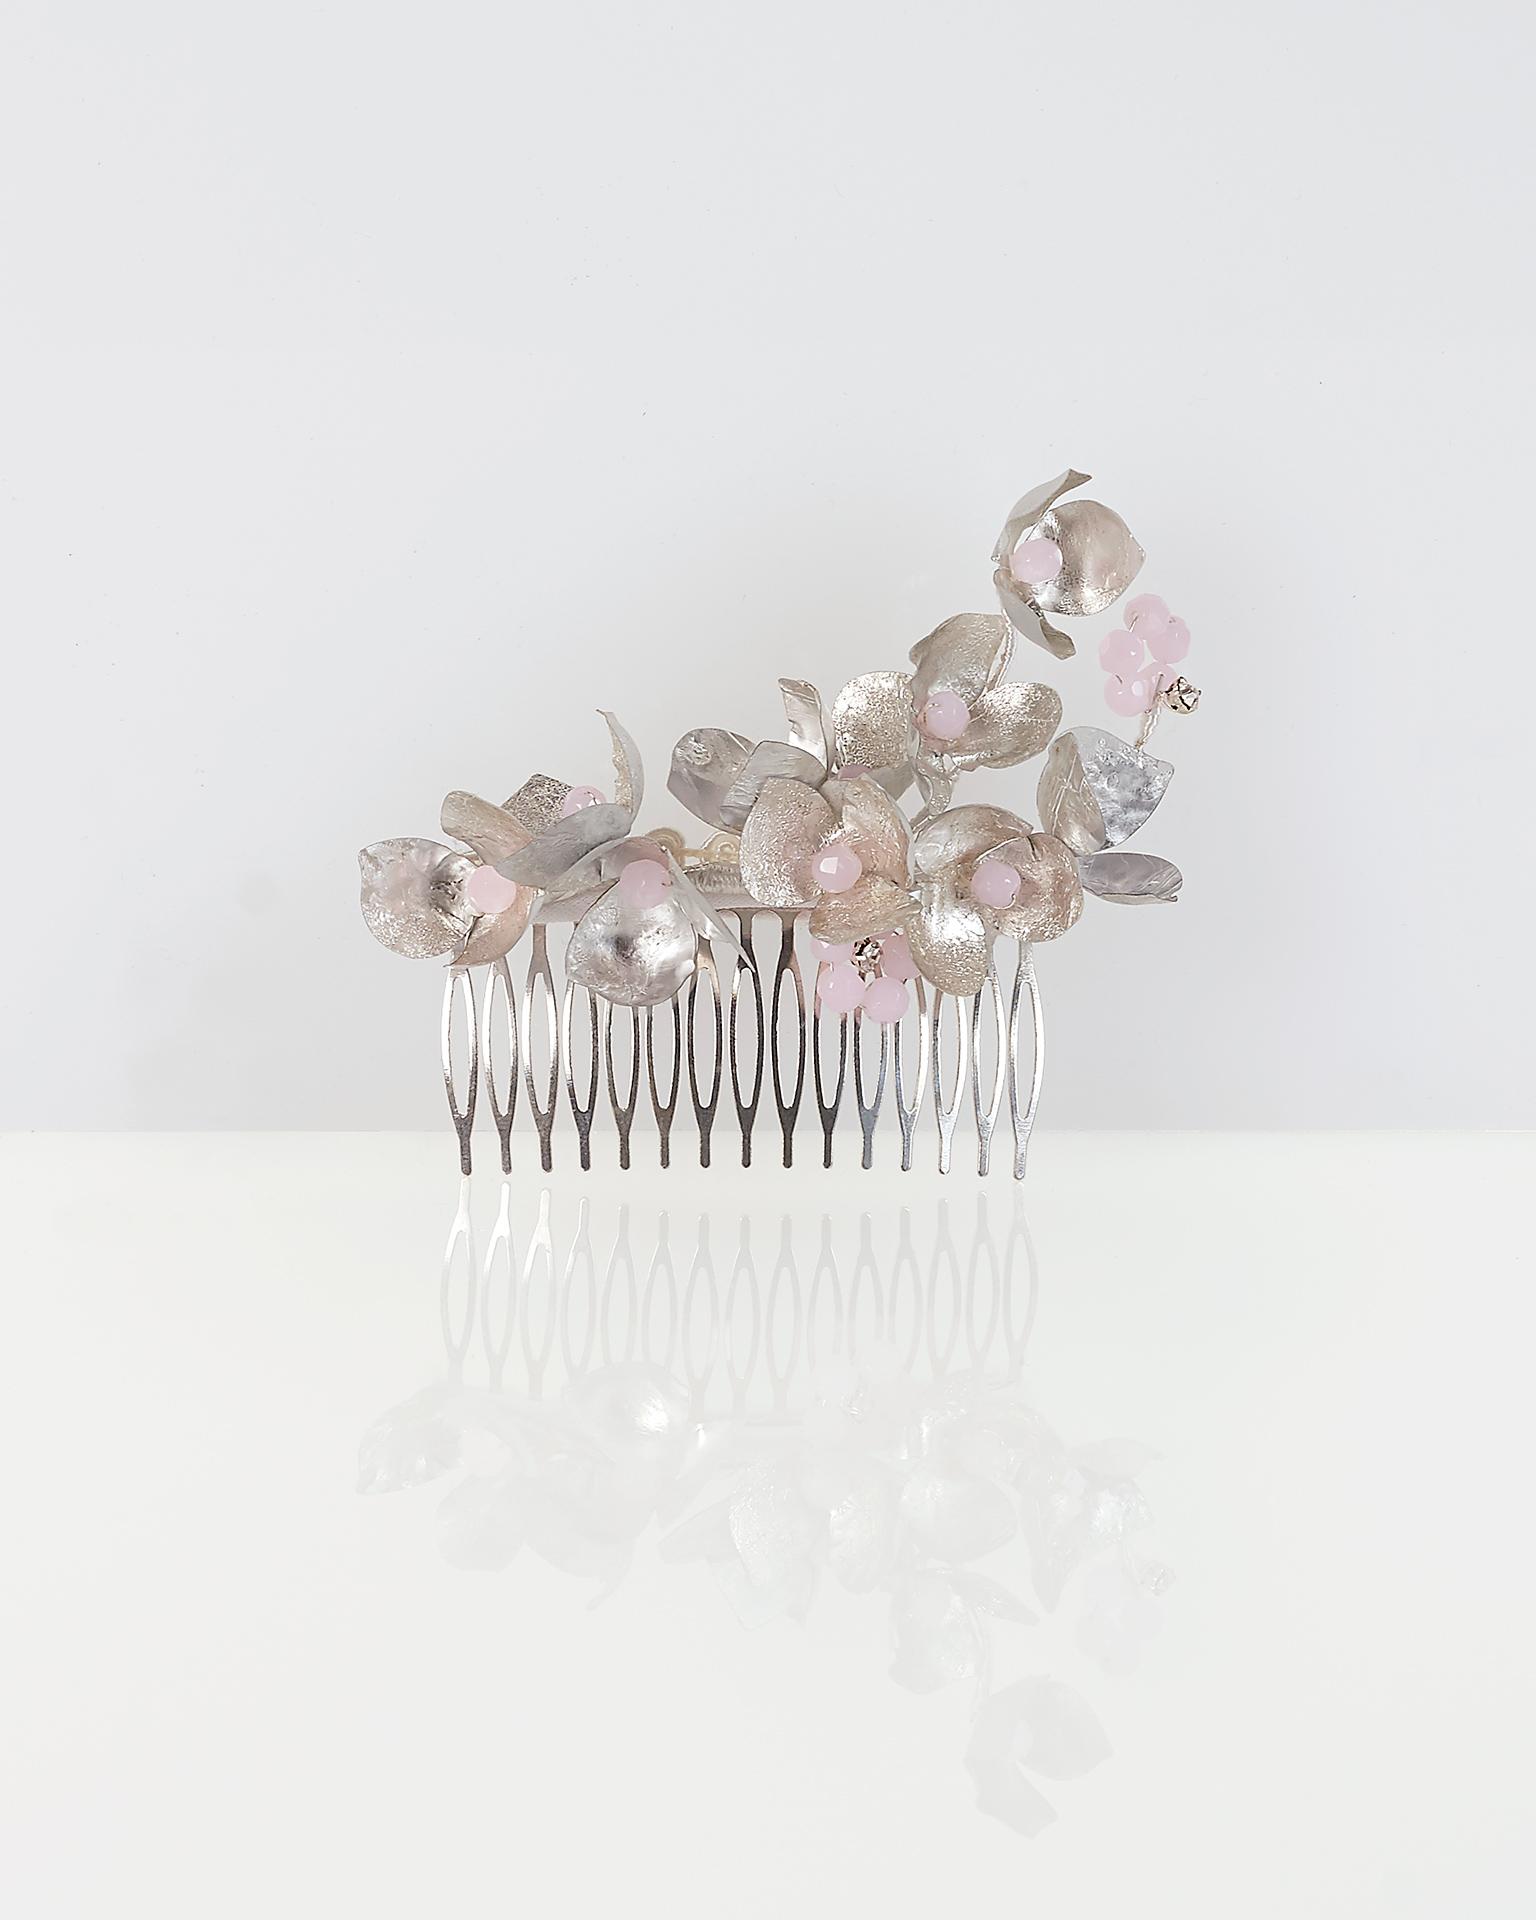 .2018 مجموعة فساتين  طرحة مشطيّة معدنية للزفاف، باللونين الفضي والوردي.